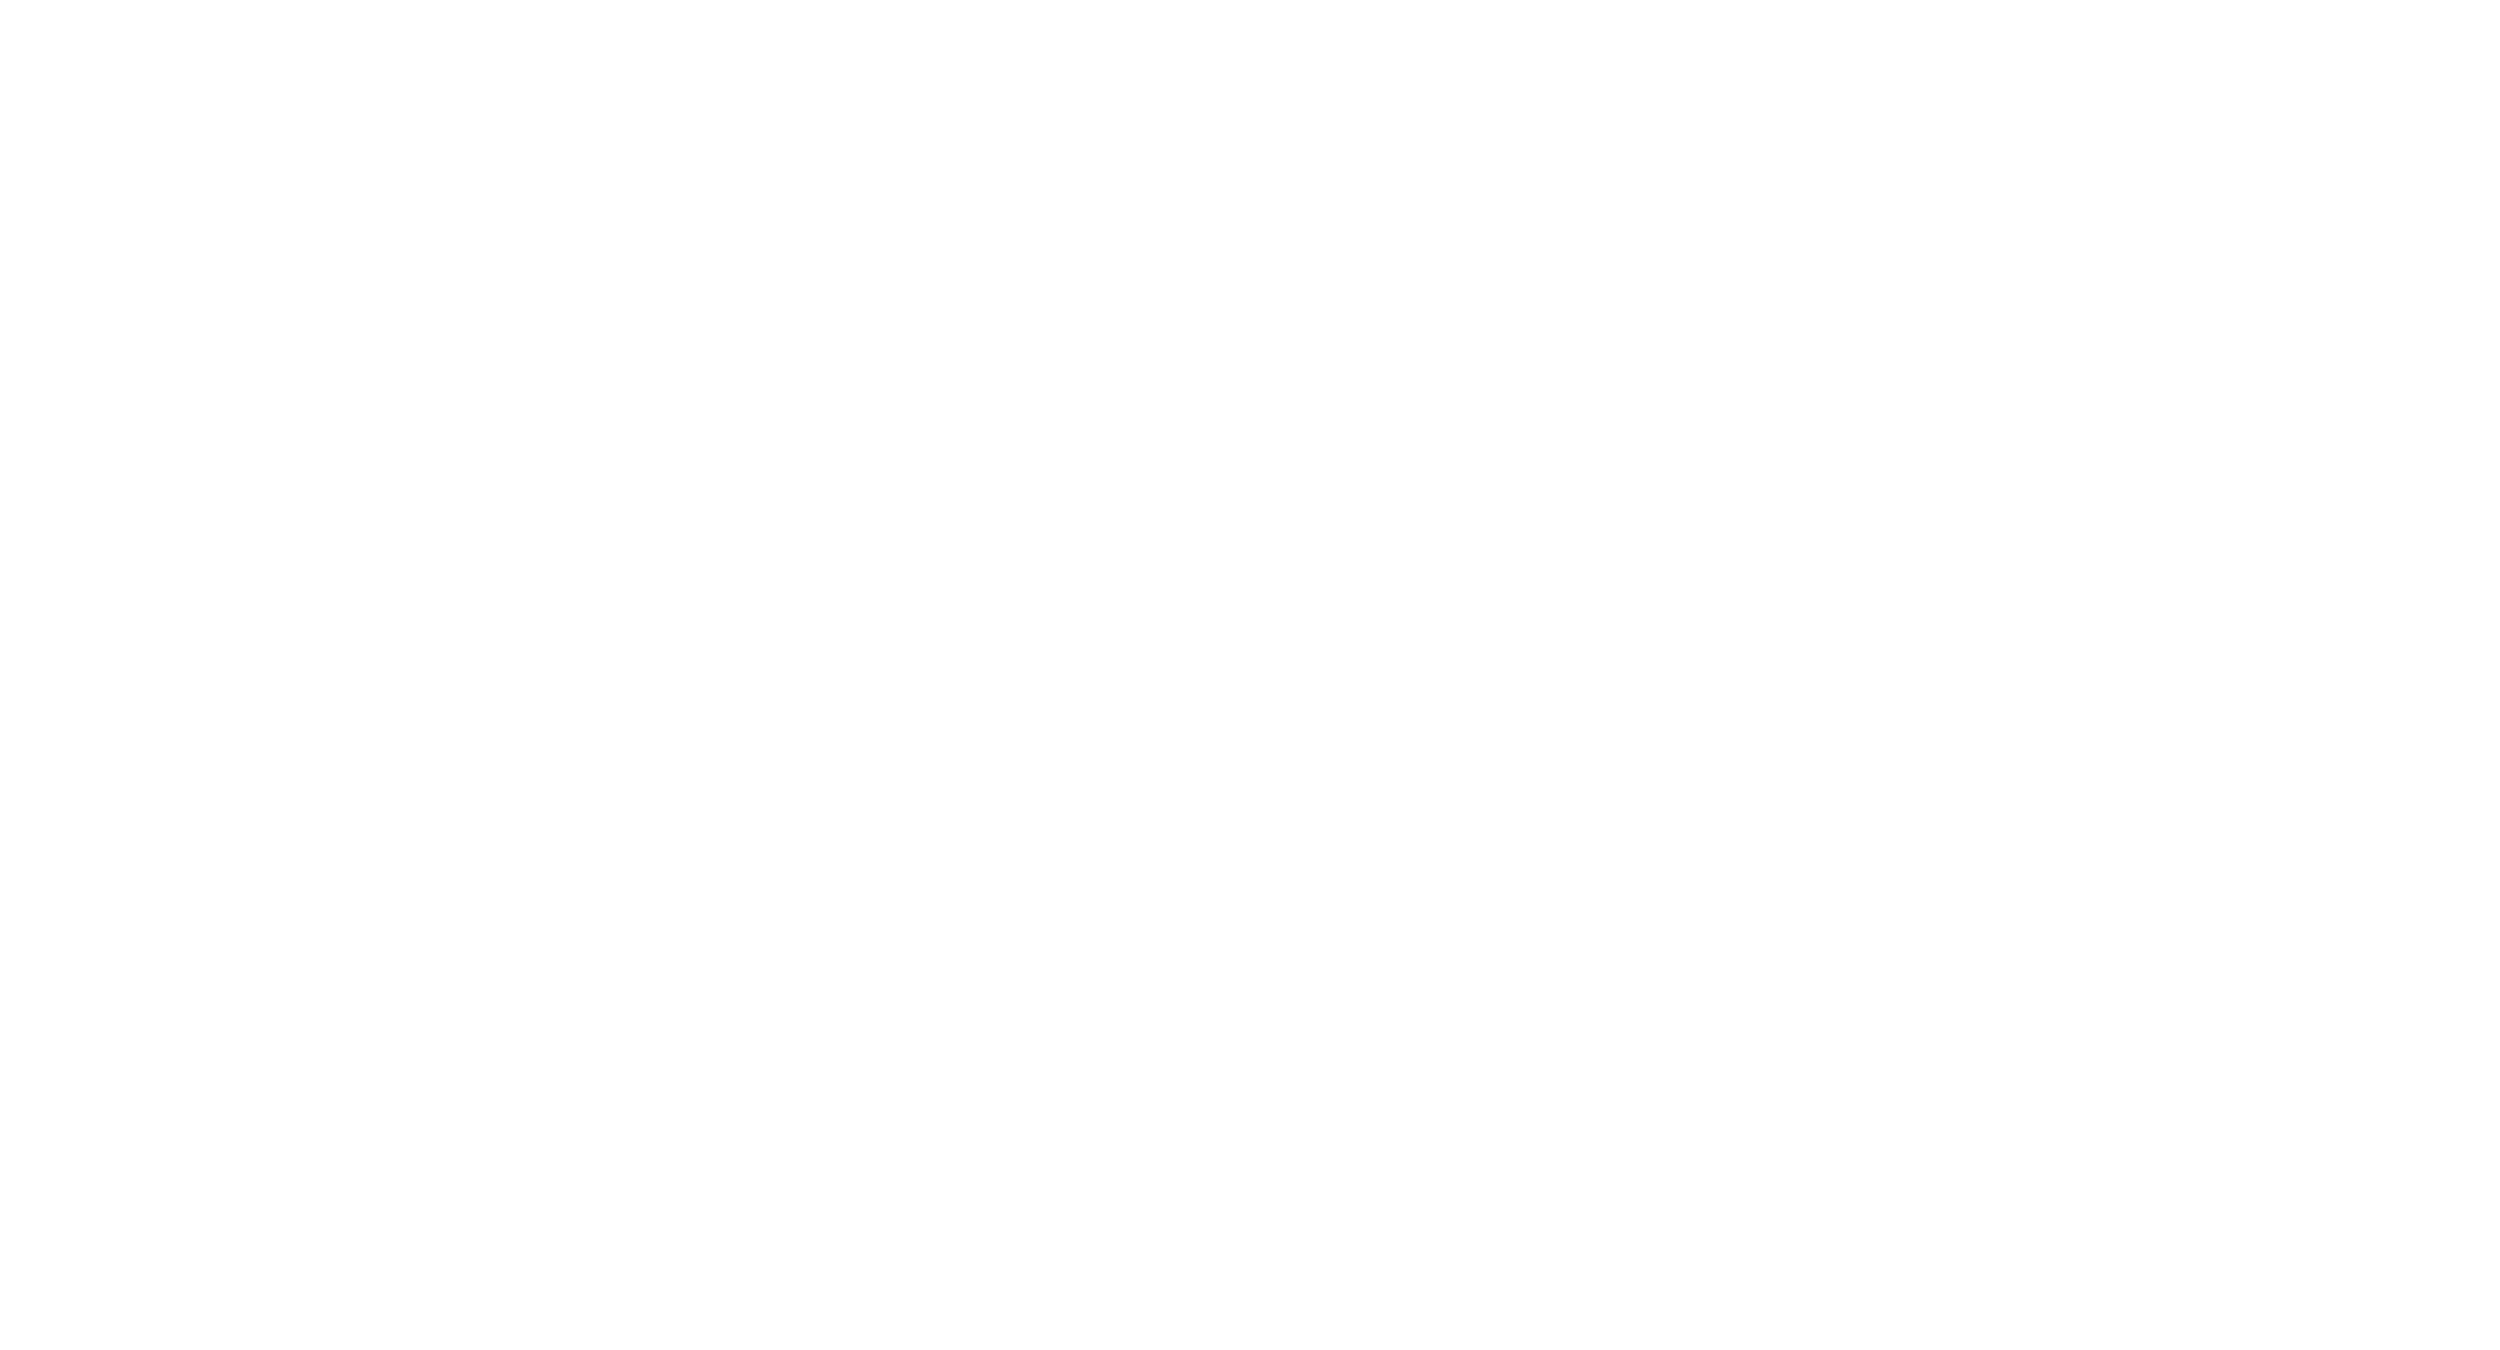 Beers_2019.png